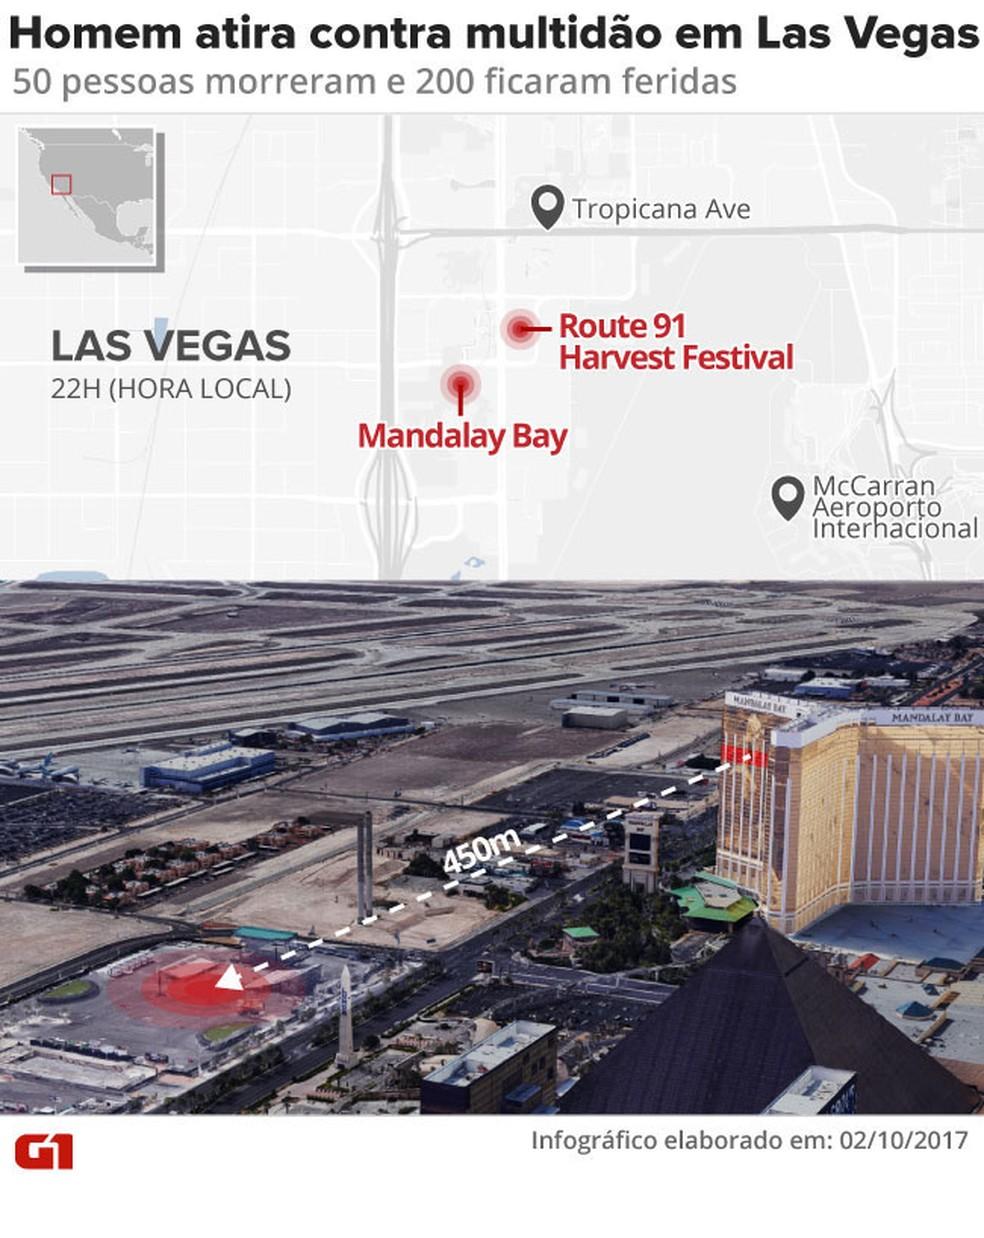 Homem abriu fogo contra multidão que participava de festival em Las Vegas, nos EUA  (Foto: Arte/G1)